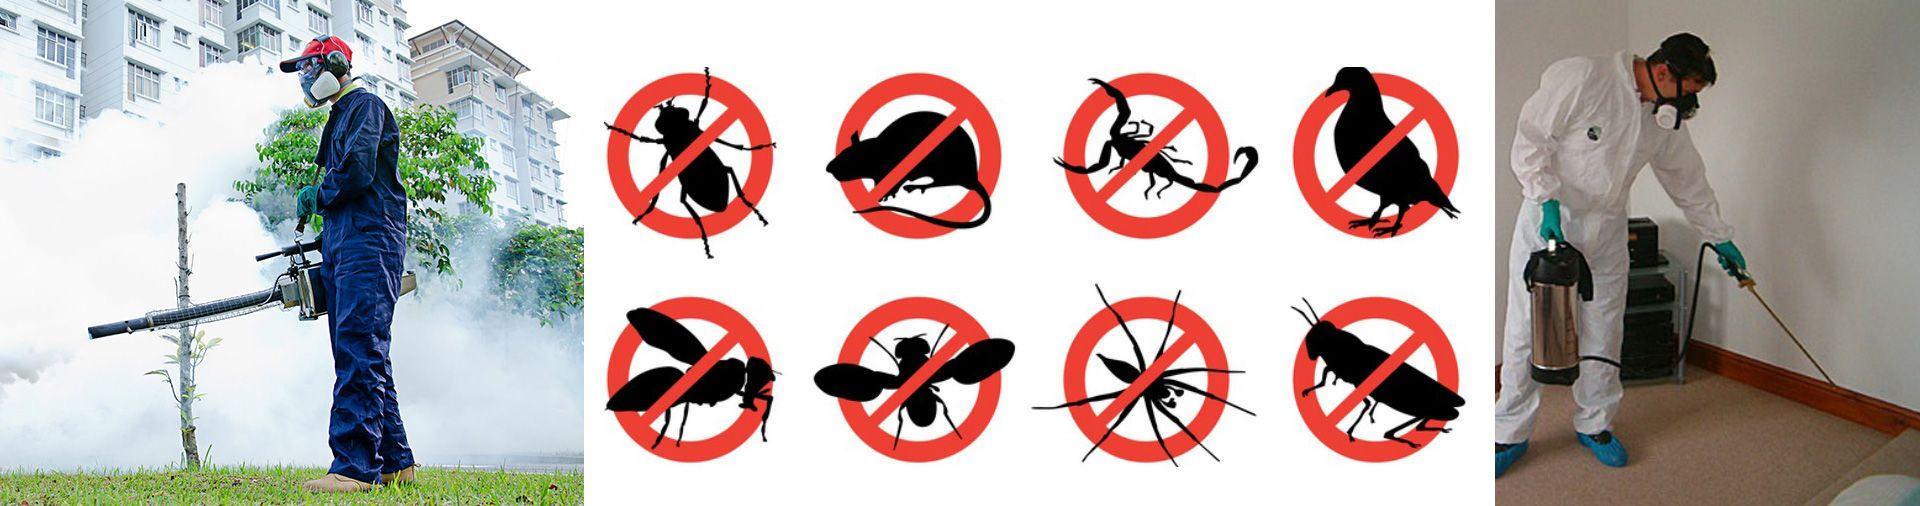 شركه مكافحه حشرات بمكه شركة اركان الرياض0557830001 https